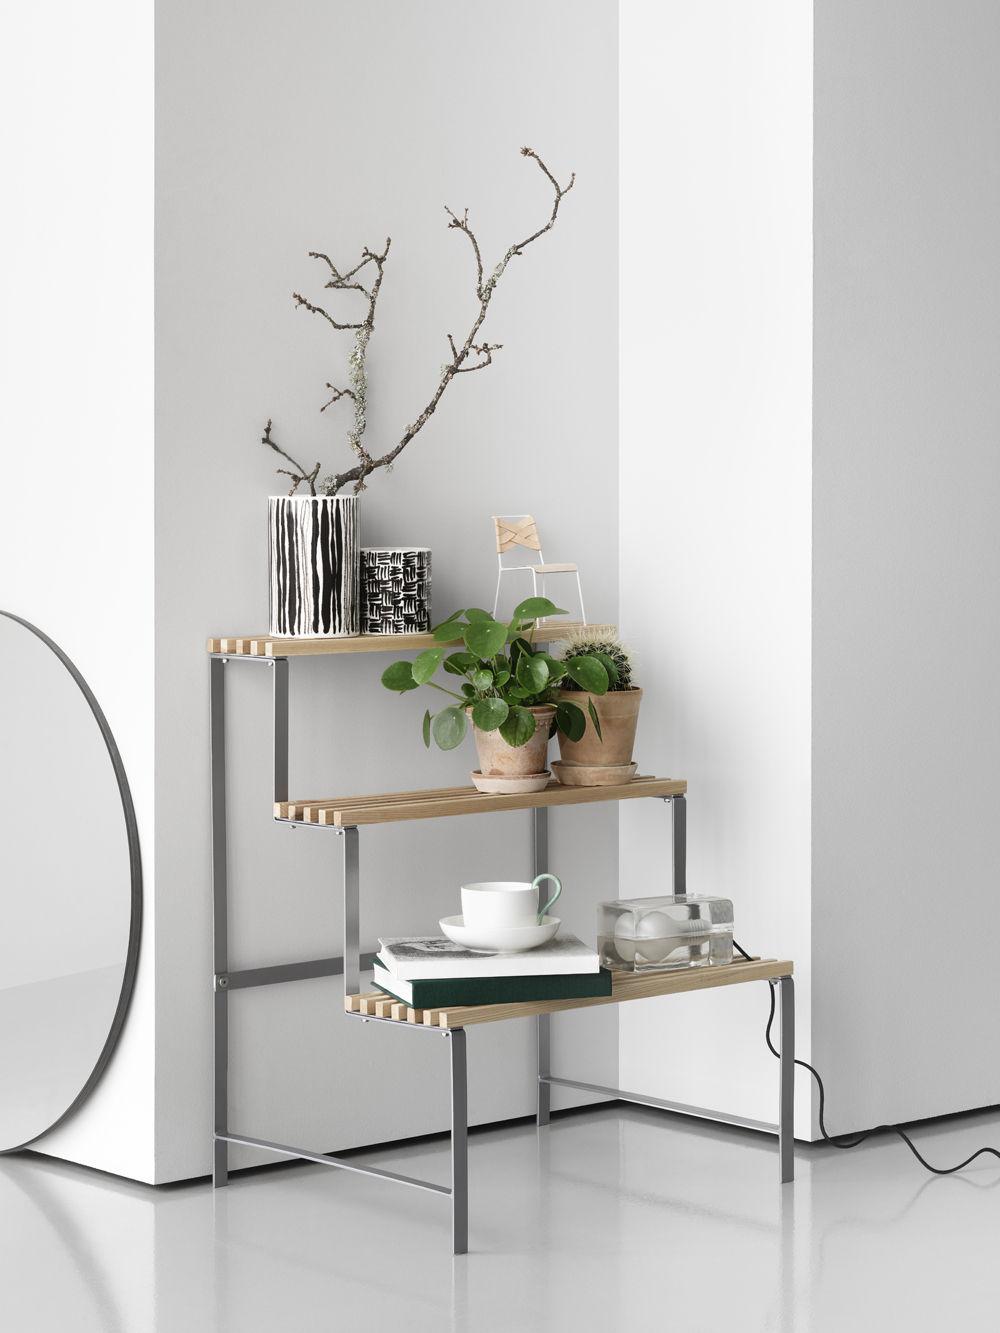 Stand Design Etagère Naturel Pot L Stockholm Frêne House Flower hQCosrBdtx